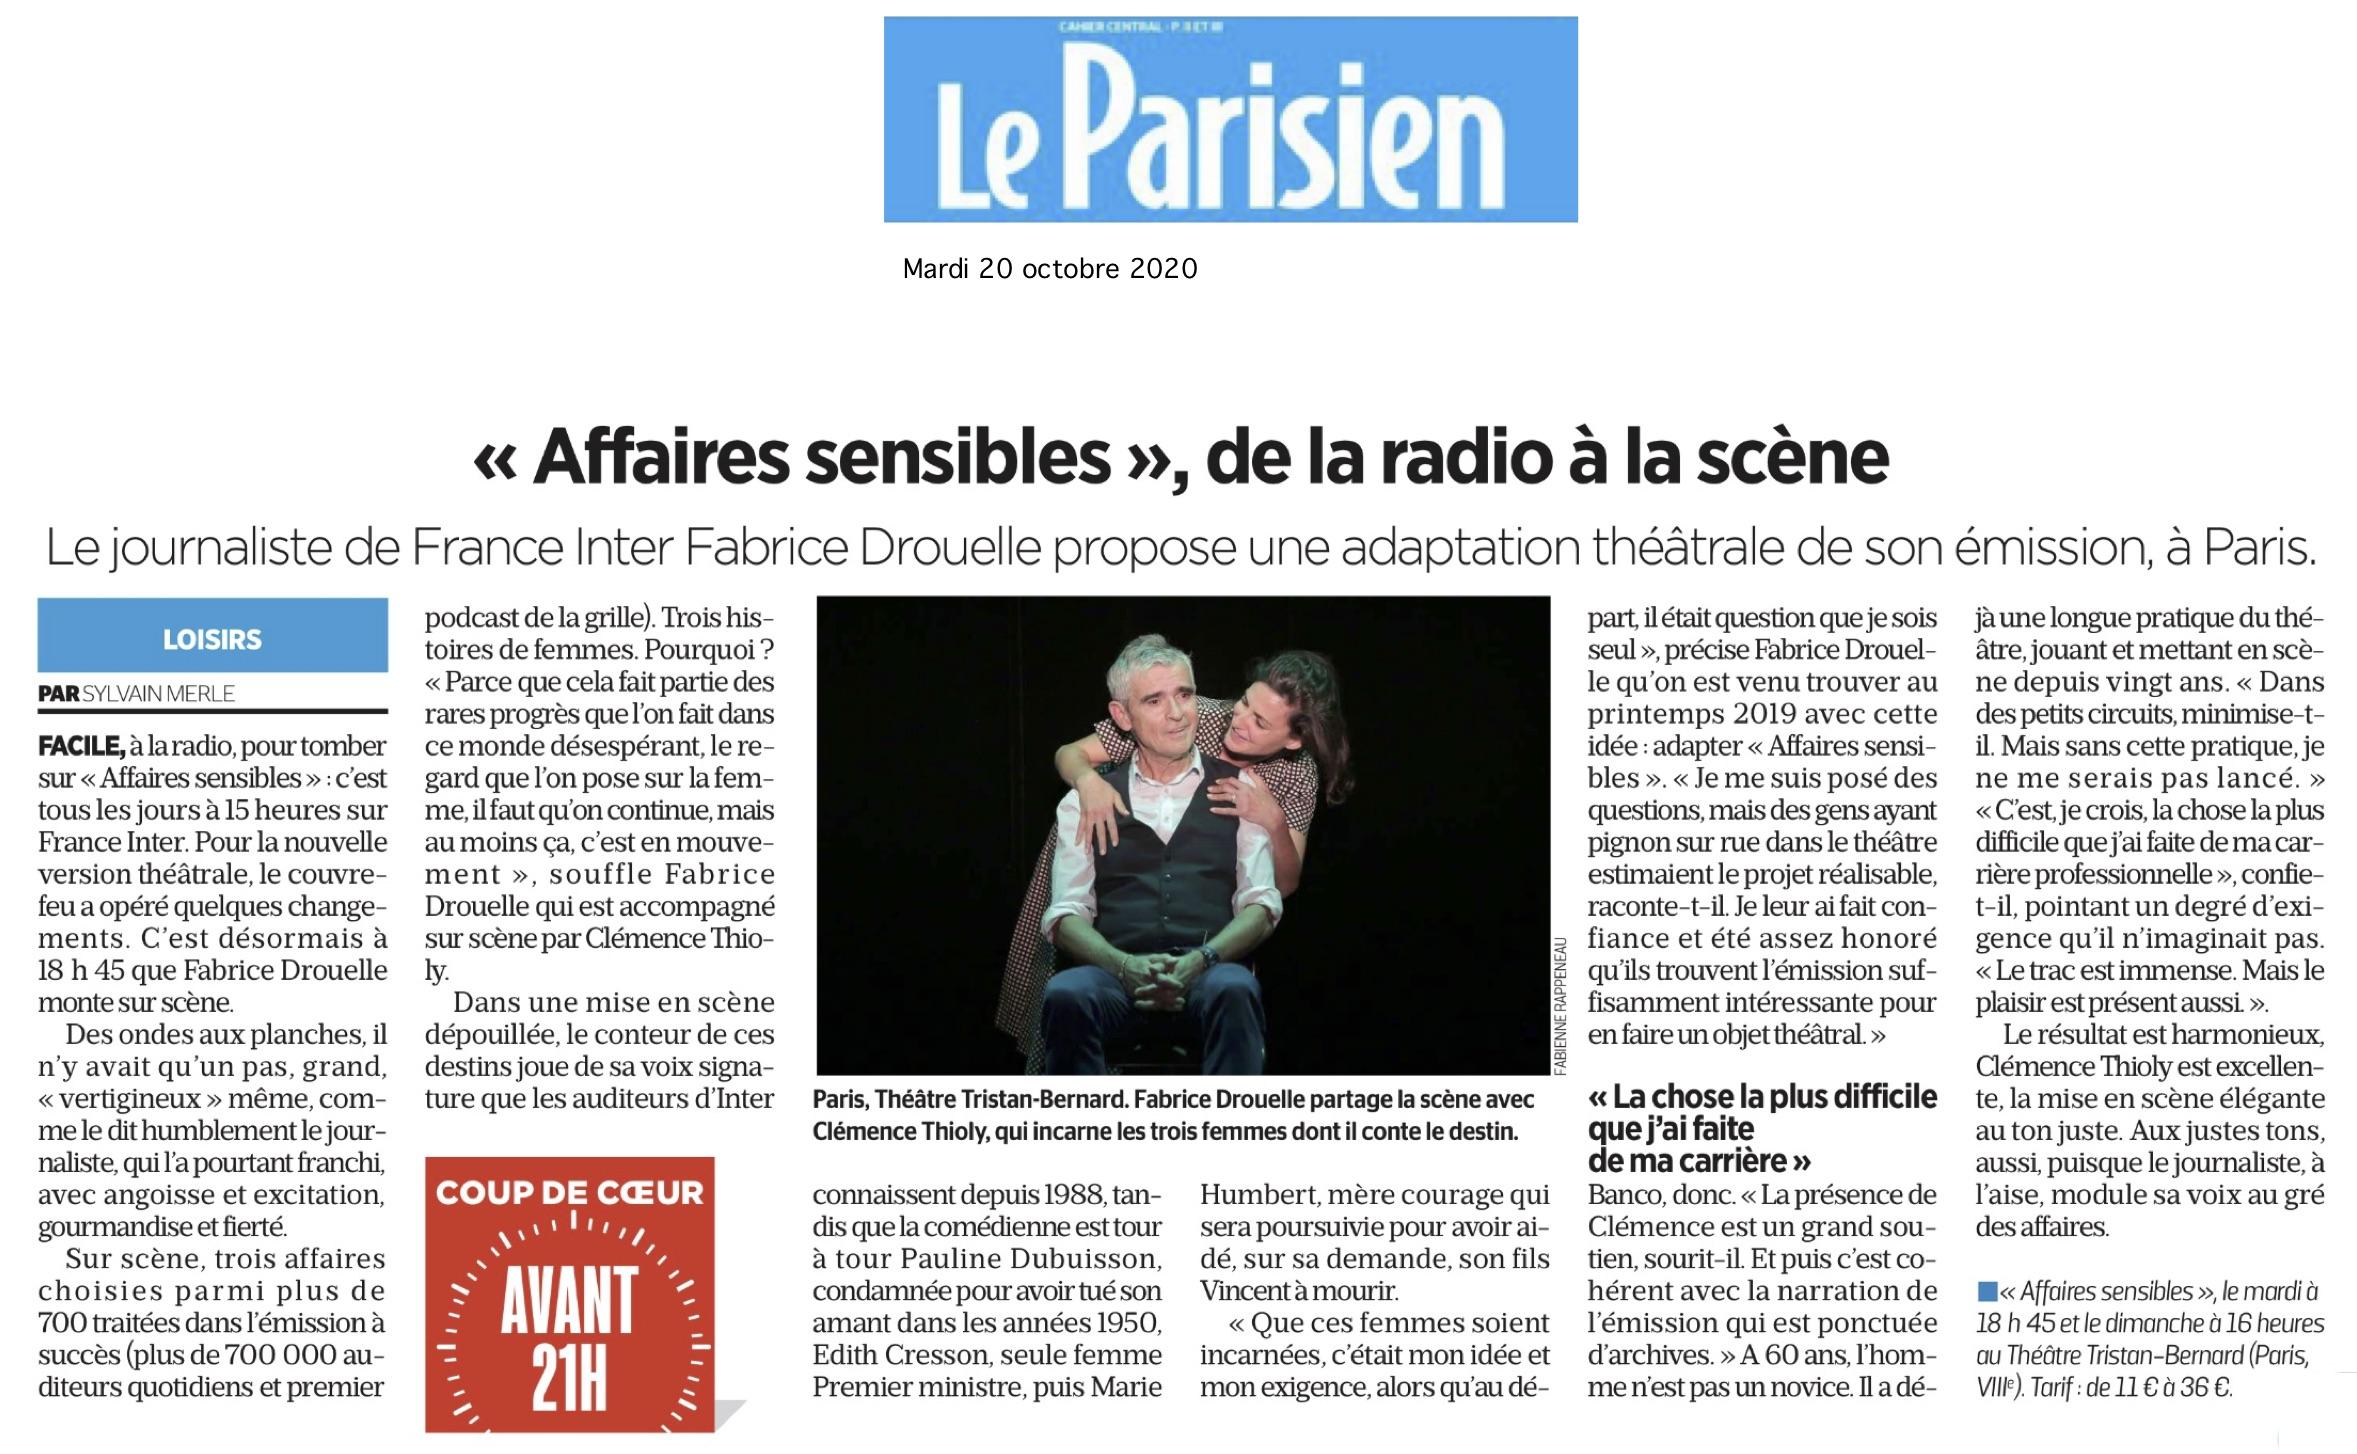 Le Parisien 20.10.20